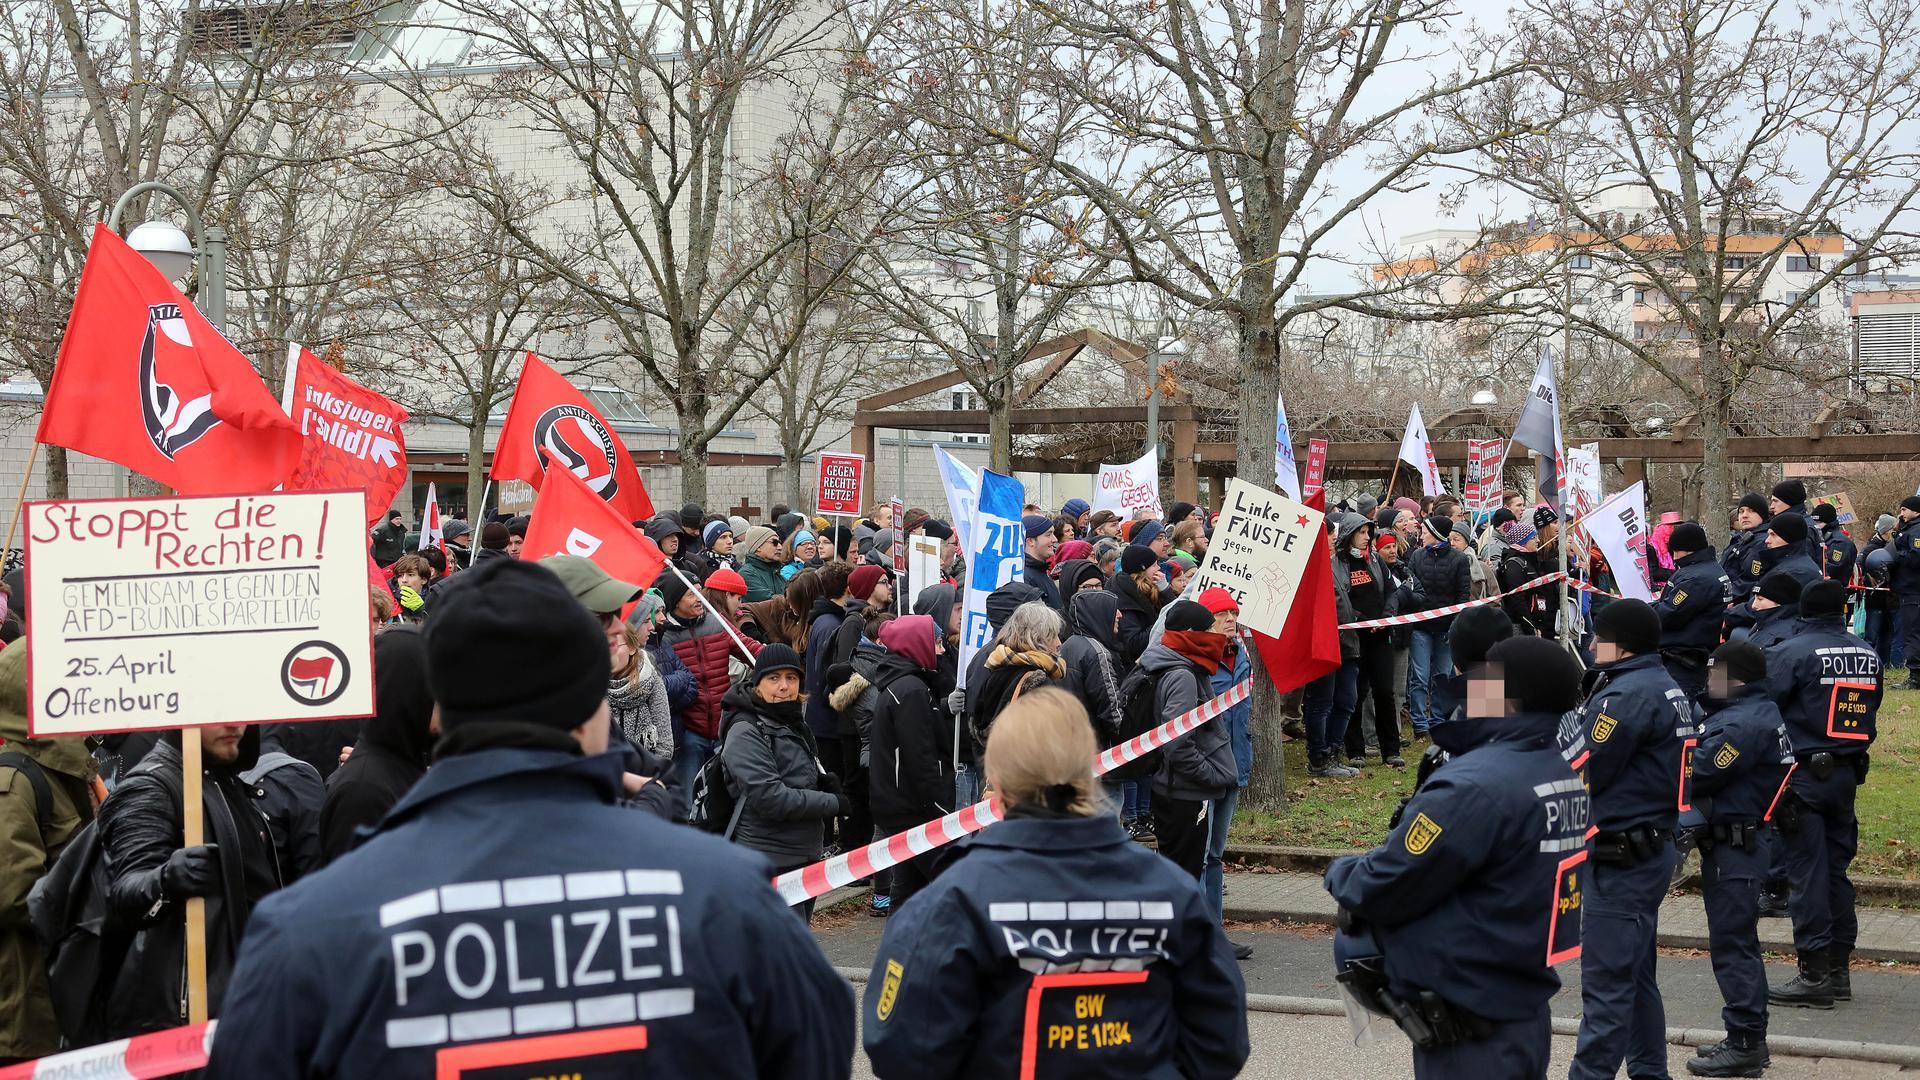 Kleinere Rangeleien und verbale Unmutsäußerungen protokollierte die Polizei bei der Demonstration gegen den AfD-Neujahrsempfang in der Neureuter Badnerland-Halle.